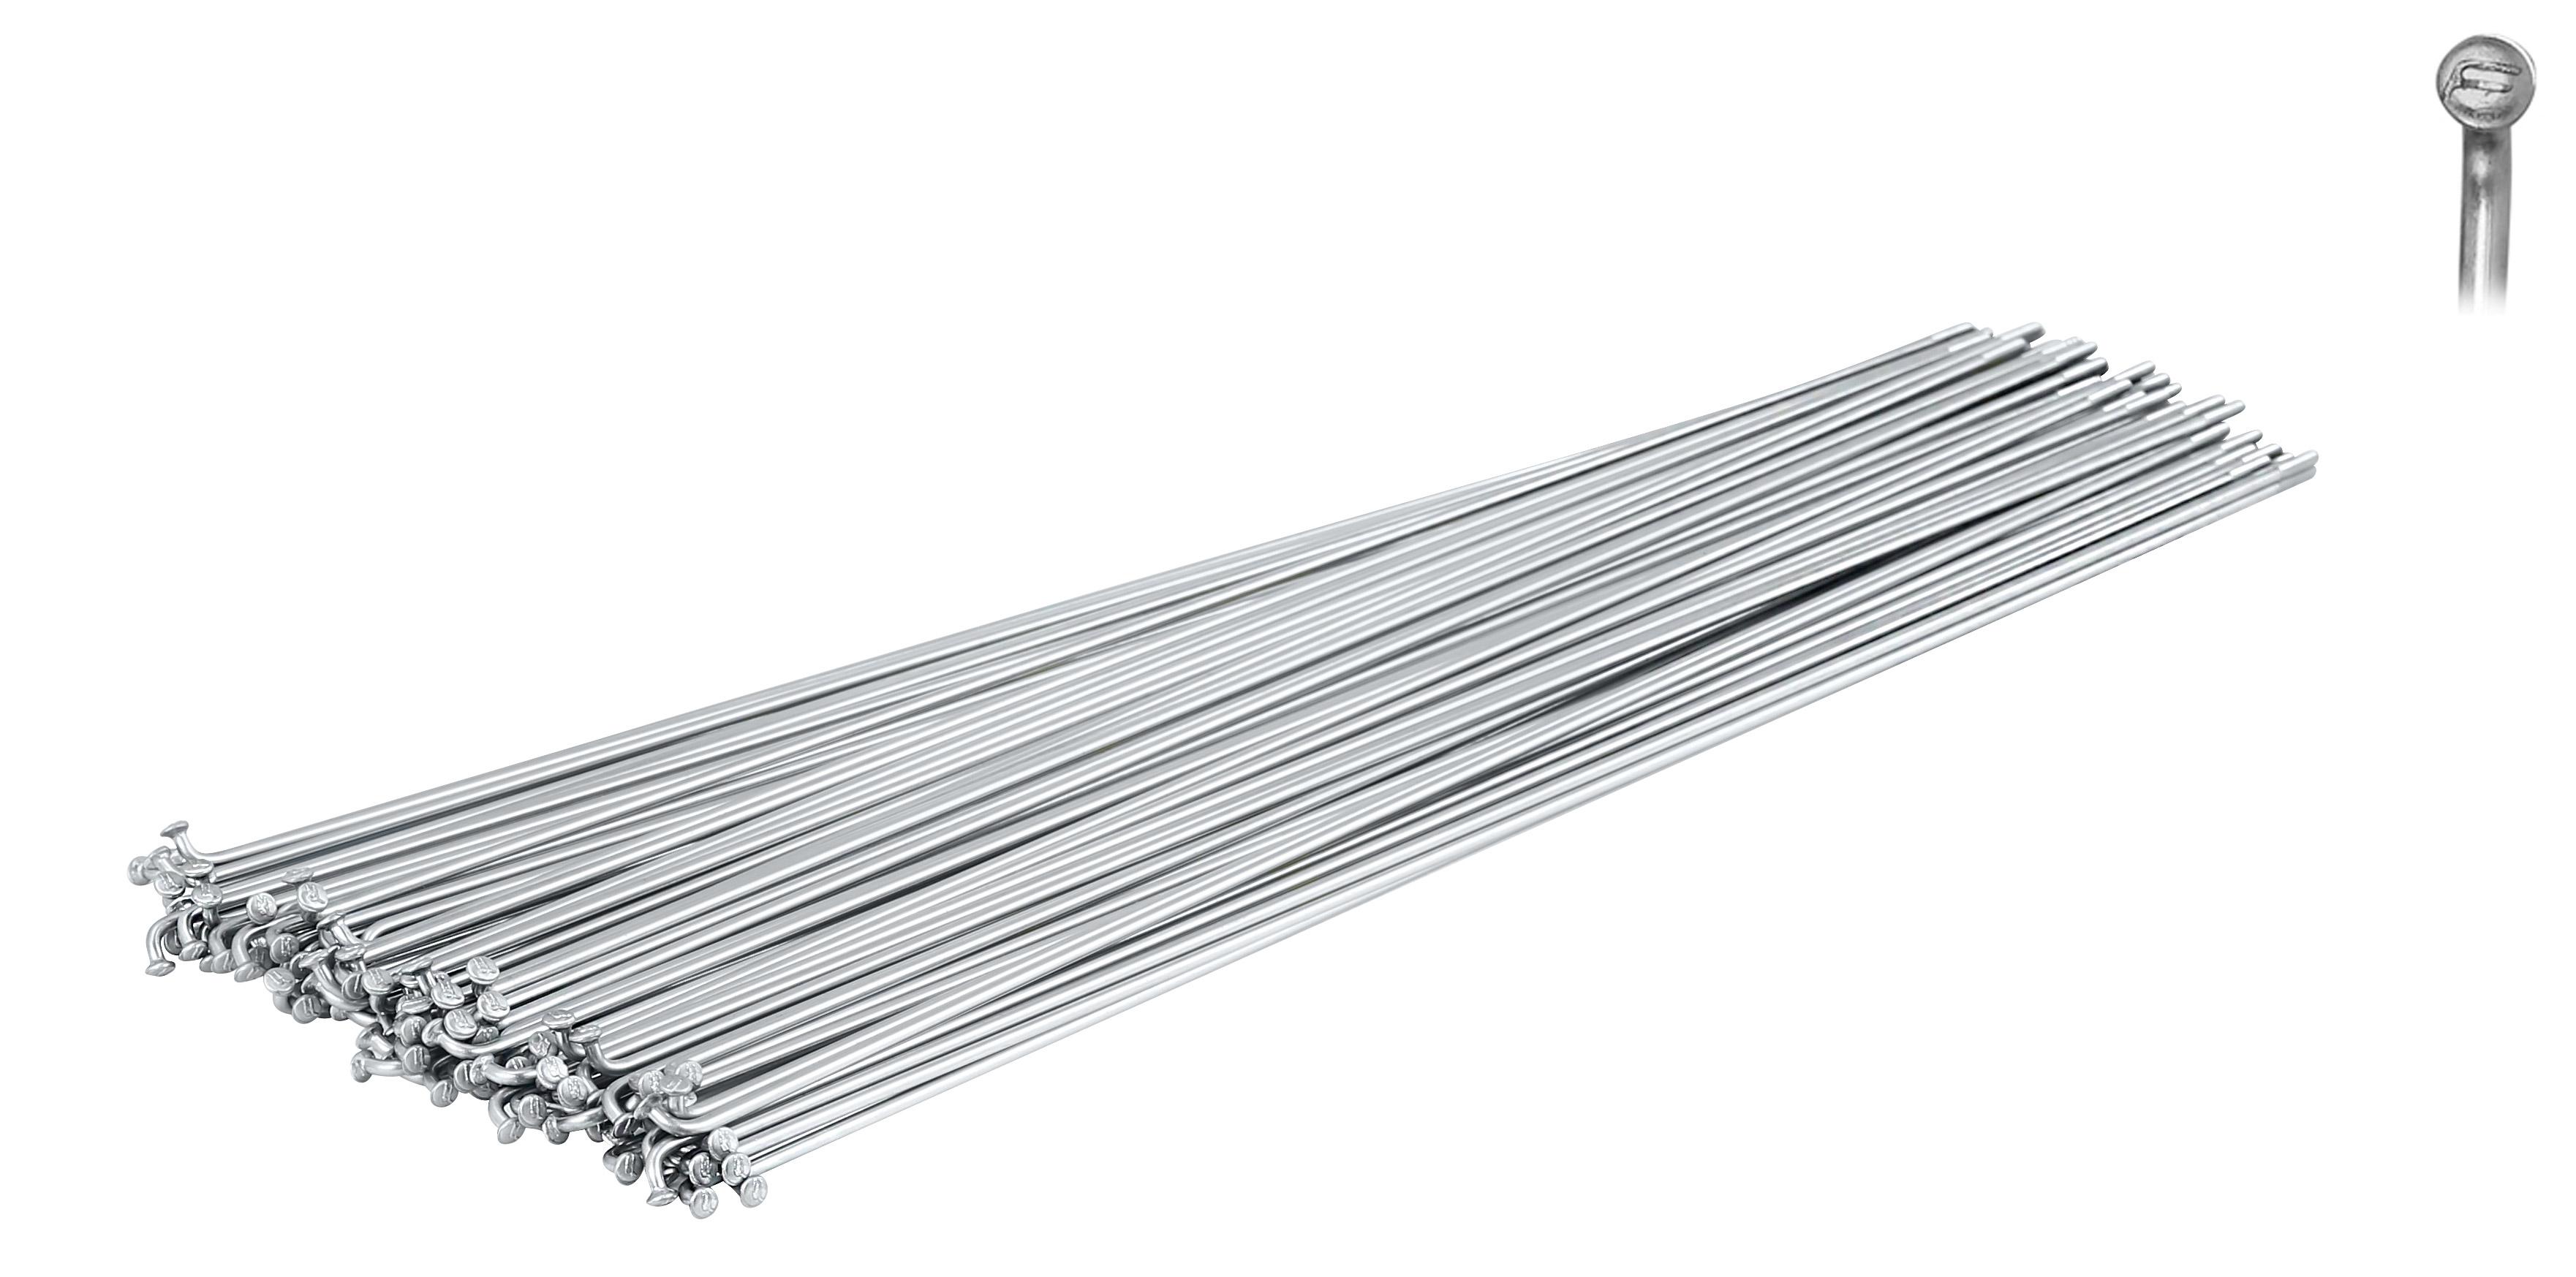 dráty FORCE nerez stříbrné 2 mm x 268 mm